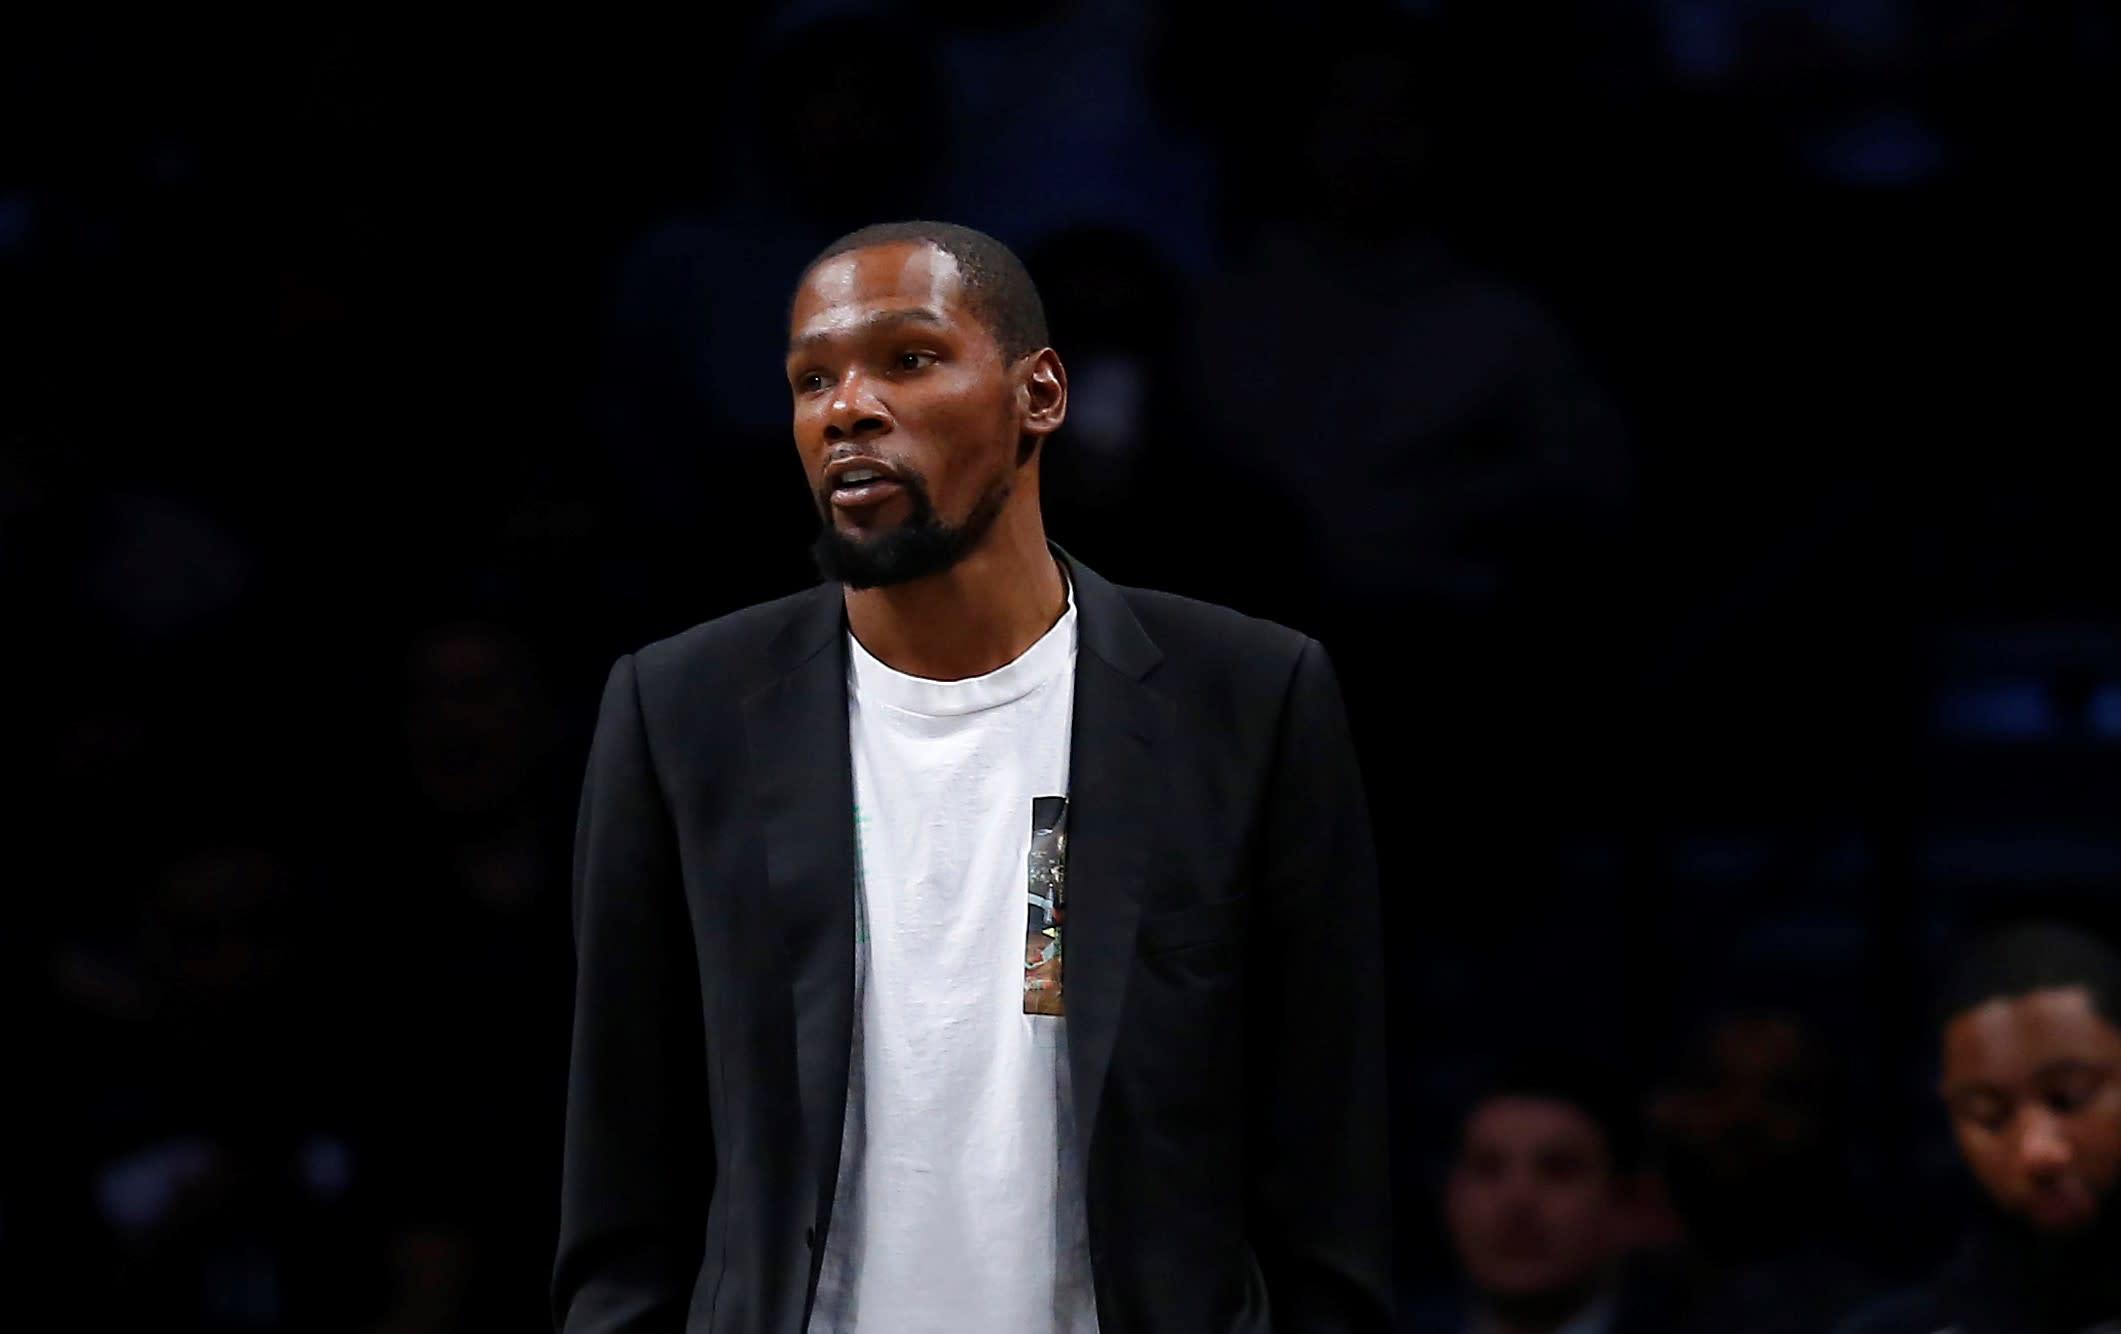 杜蘭特力挺大帝Simmons:不應該責怪他們,每年都換隊友,球隊很難打得好!-黑特籃球-NBA新聞影音圖片分享社區